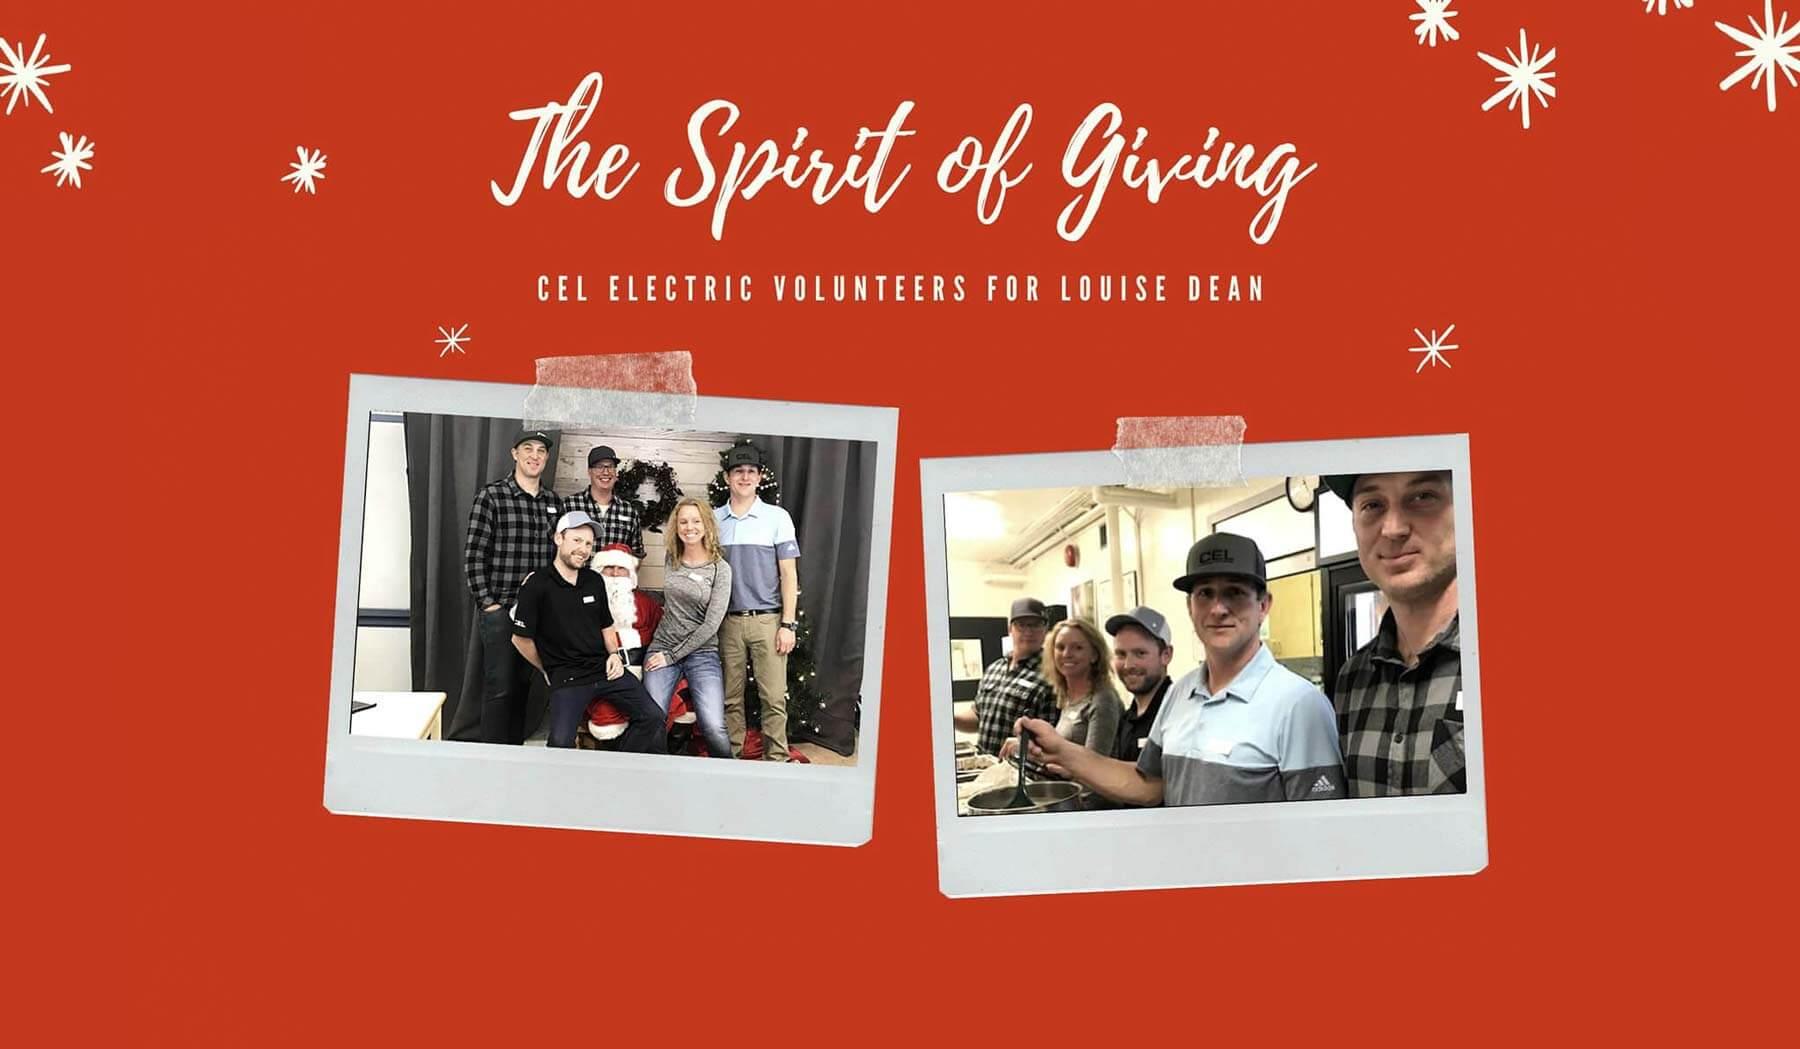 CEL Spirit of giving